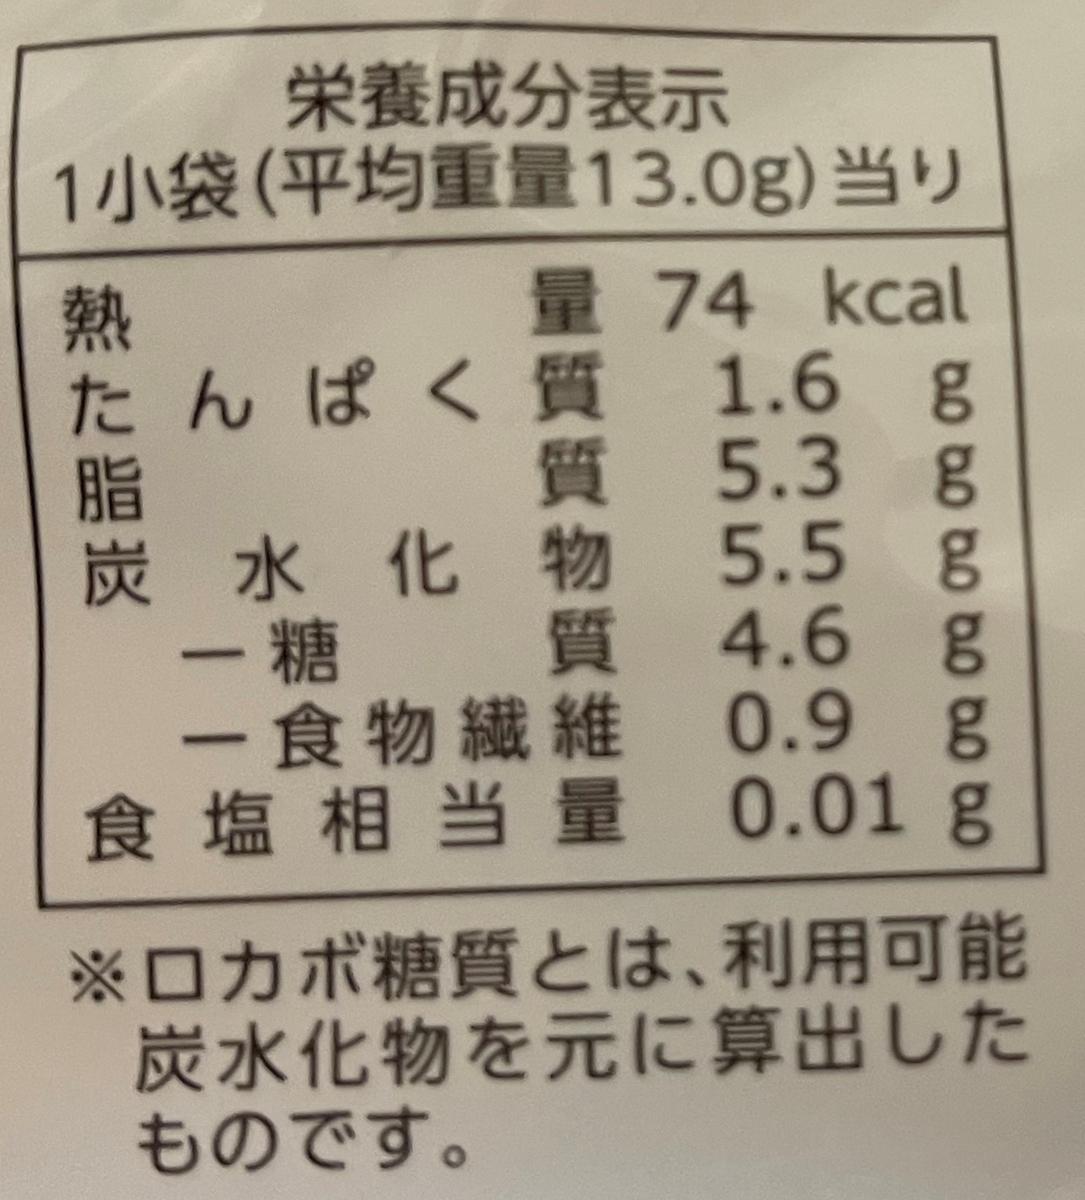 f:id:YOSHIO1010:20210121010238j:plain